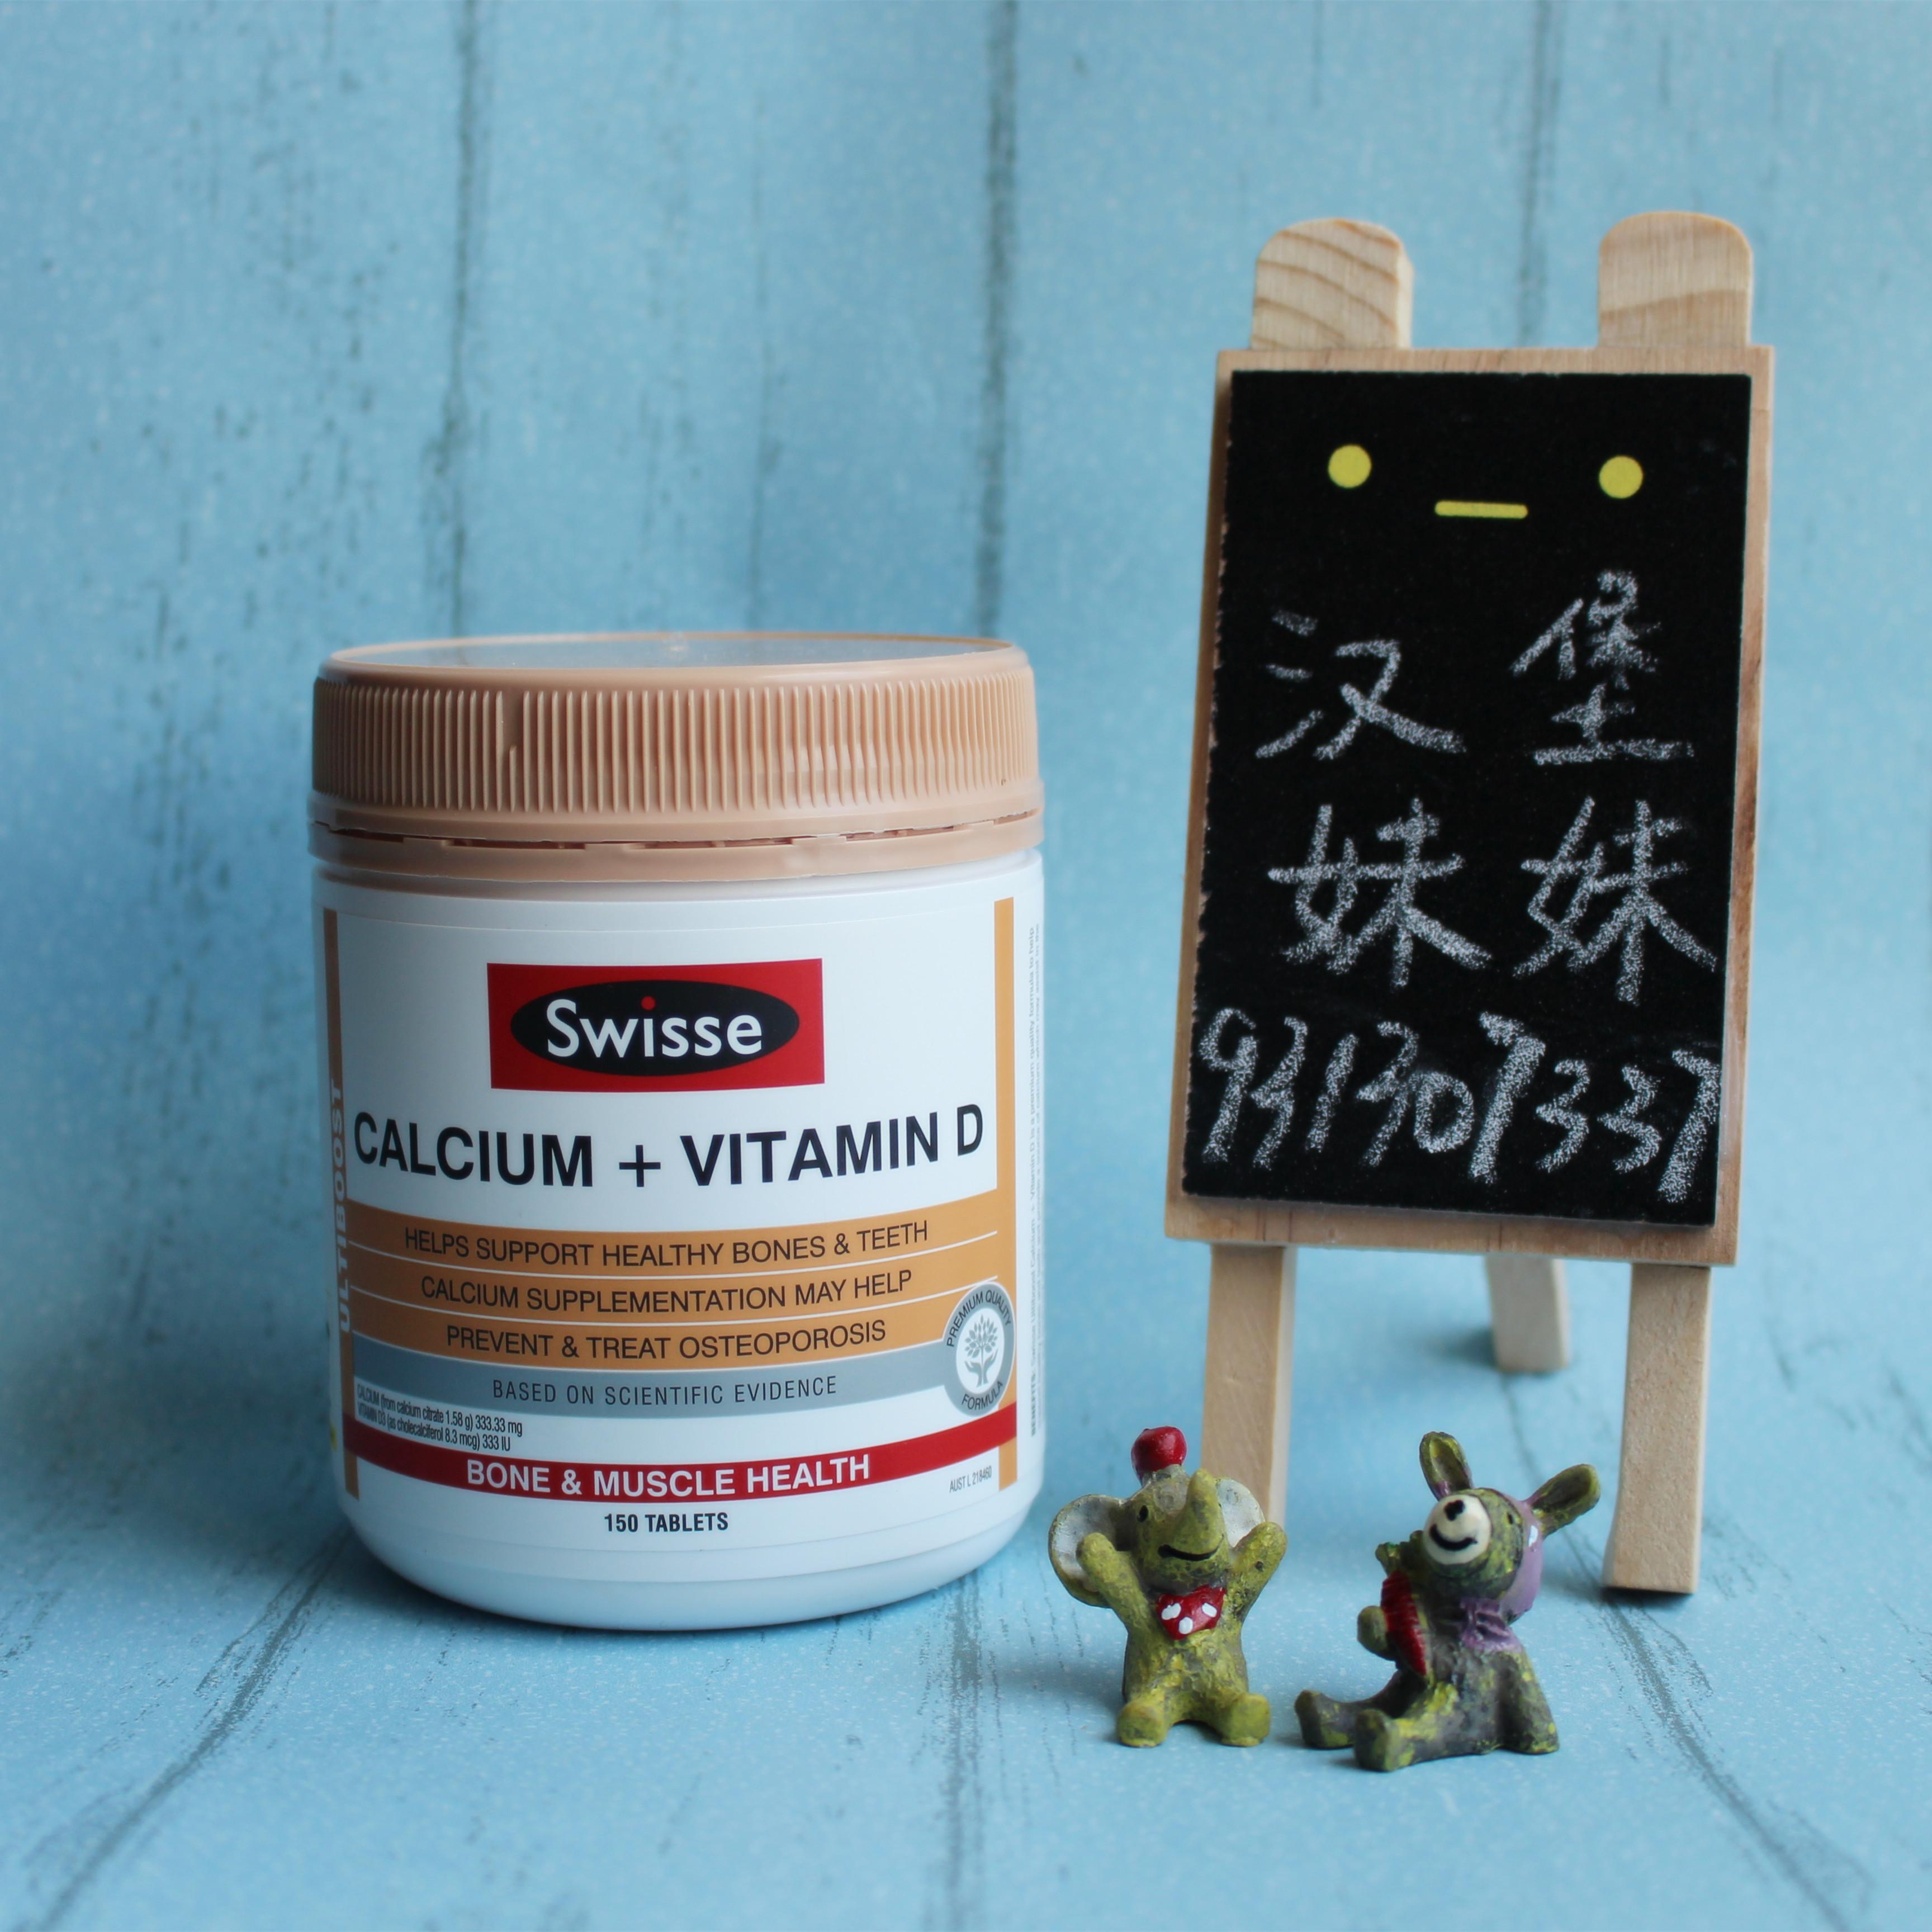 澳洲 swisse 钙片维生素D150粒青少年孕妇中老年成人补柠檬酸